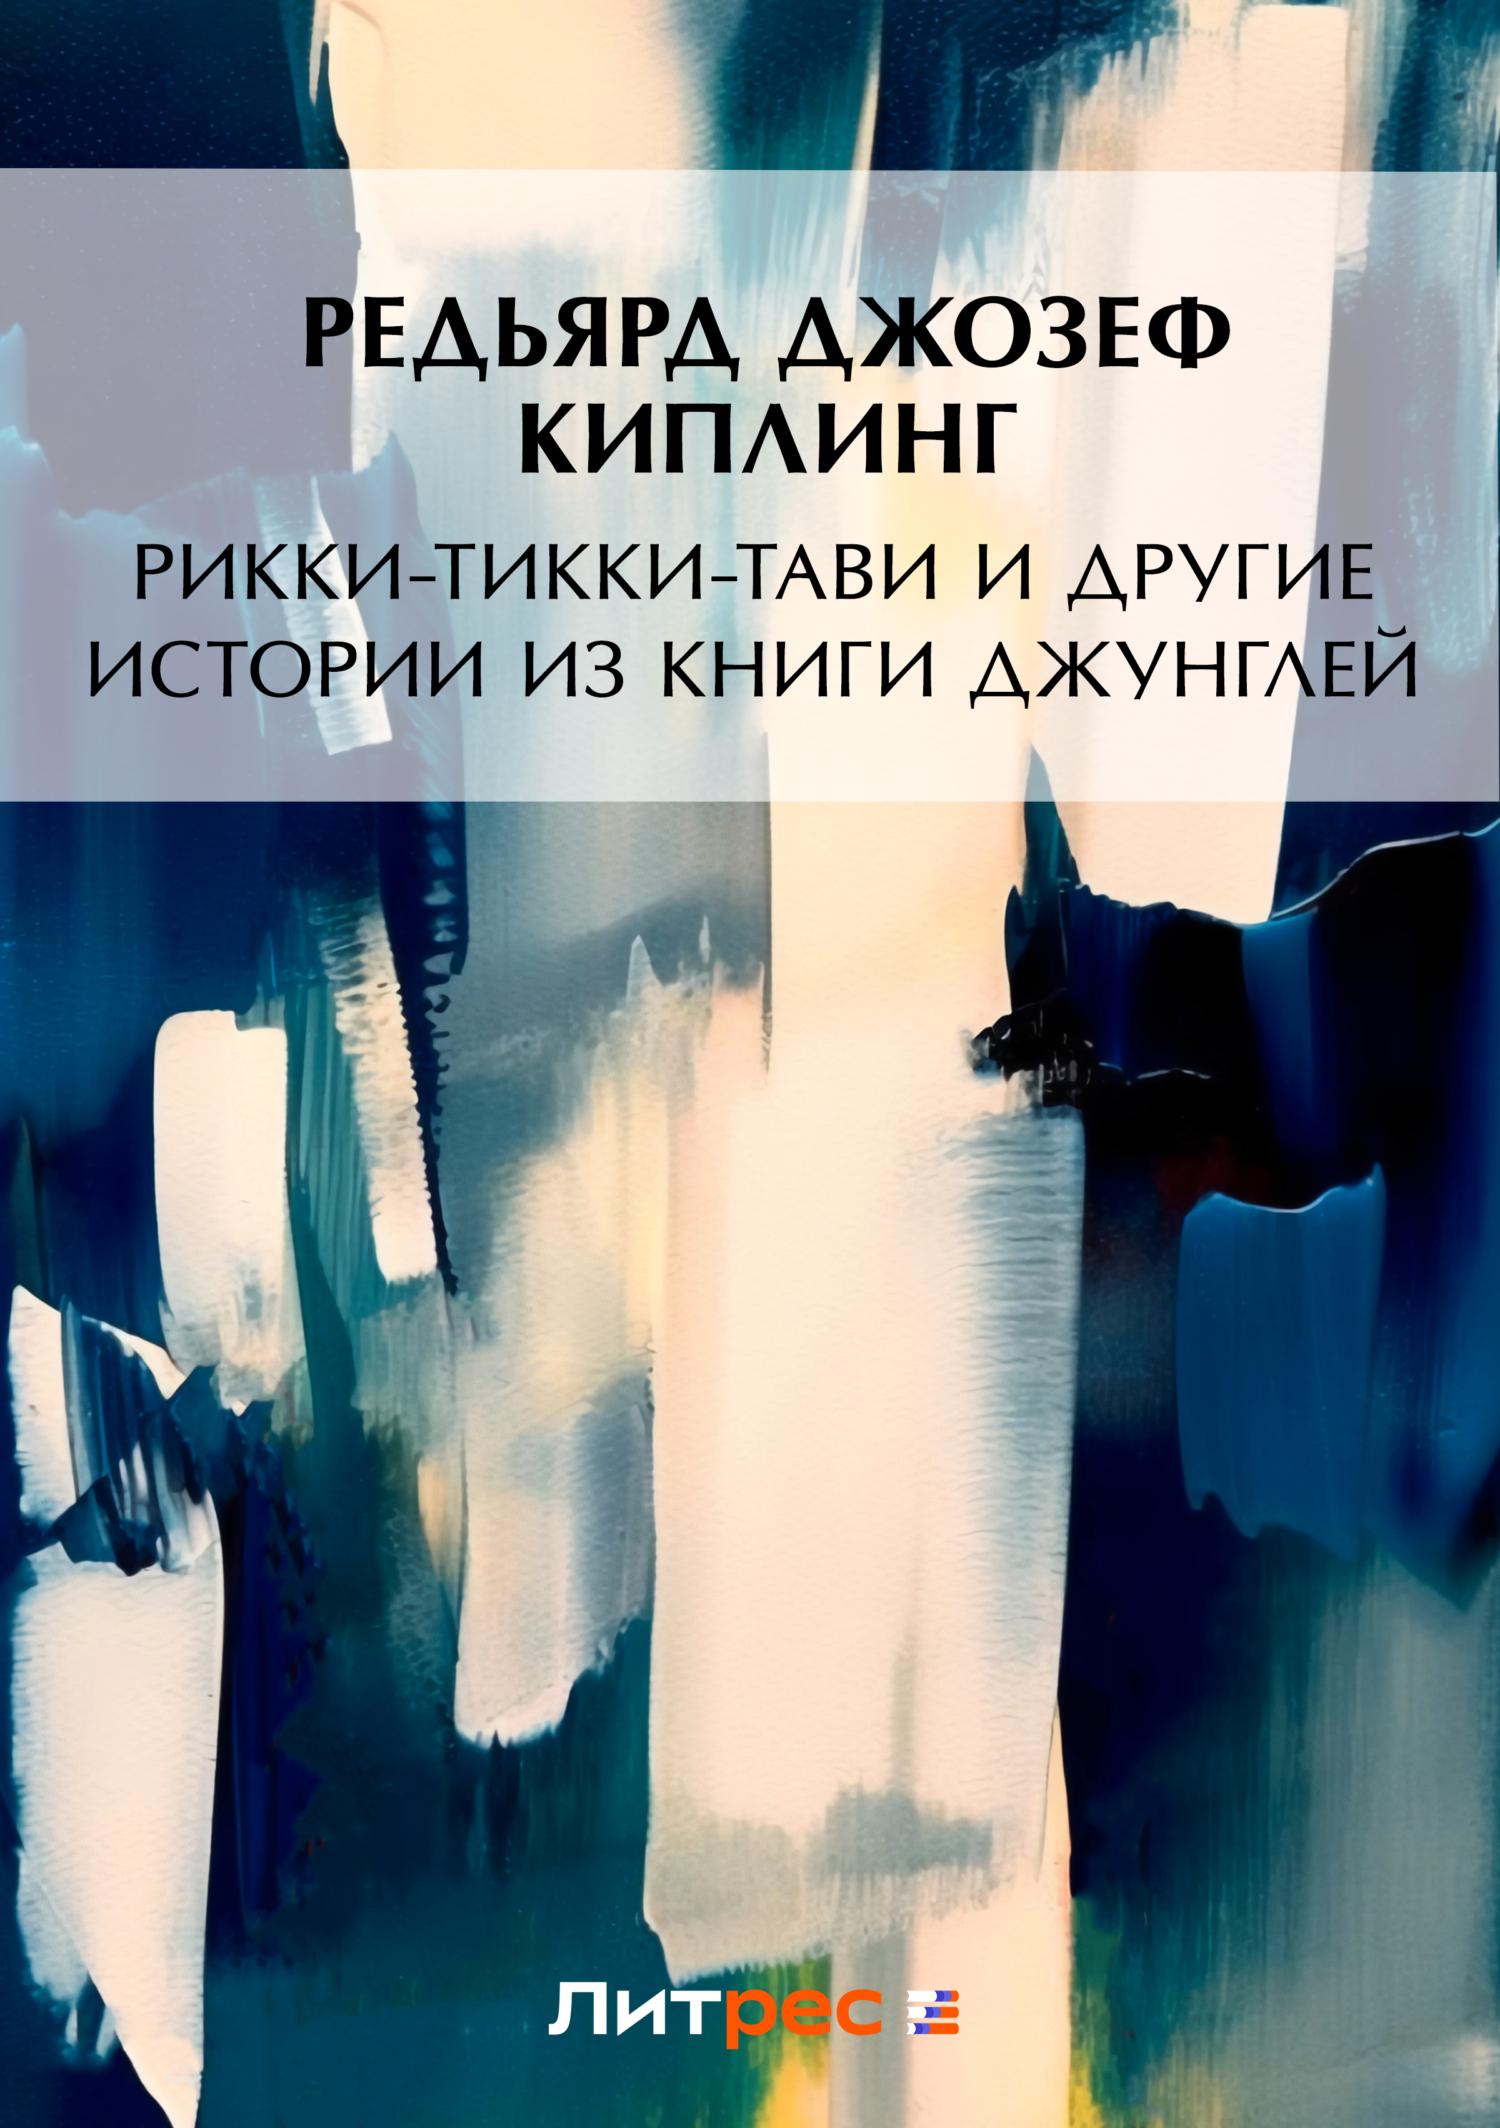 Рикки-Тикки-Тави и другие истории из Книги джунглей (сборник)